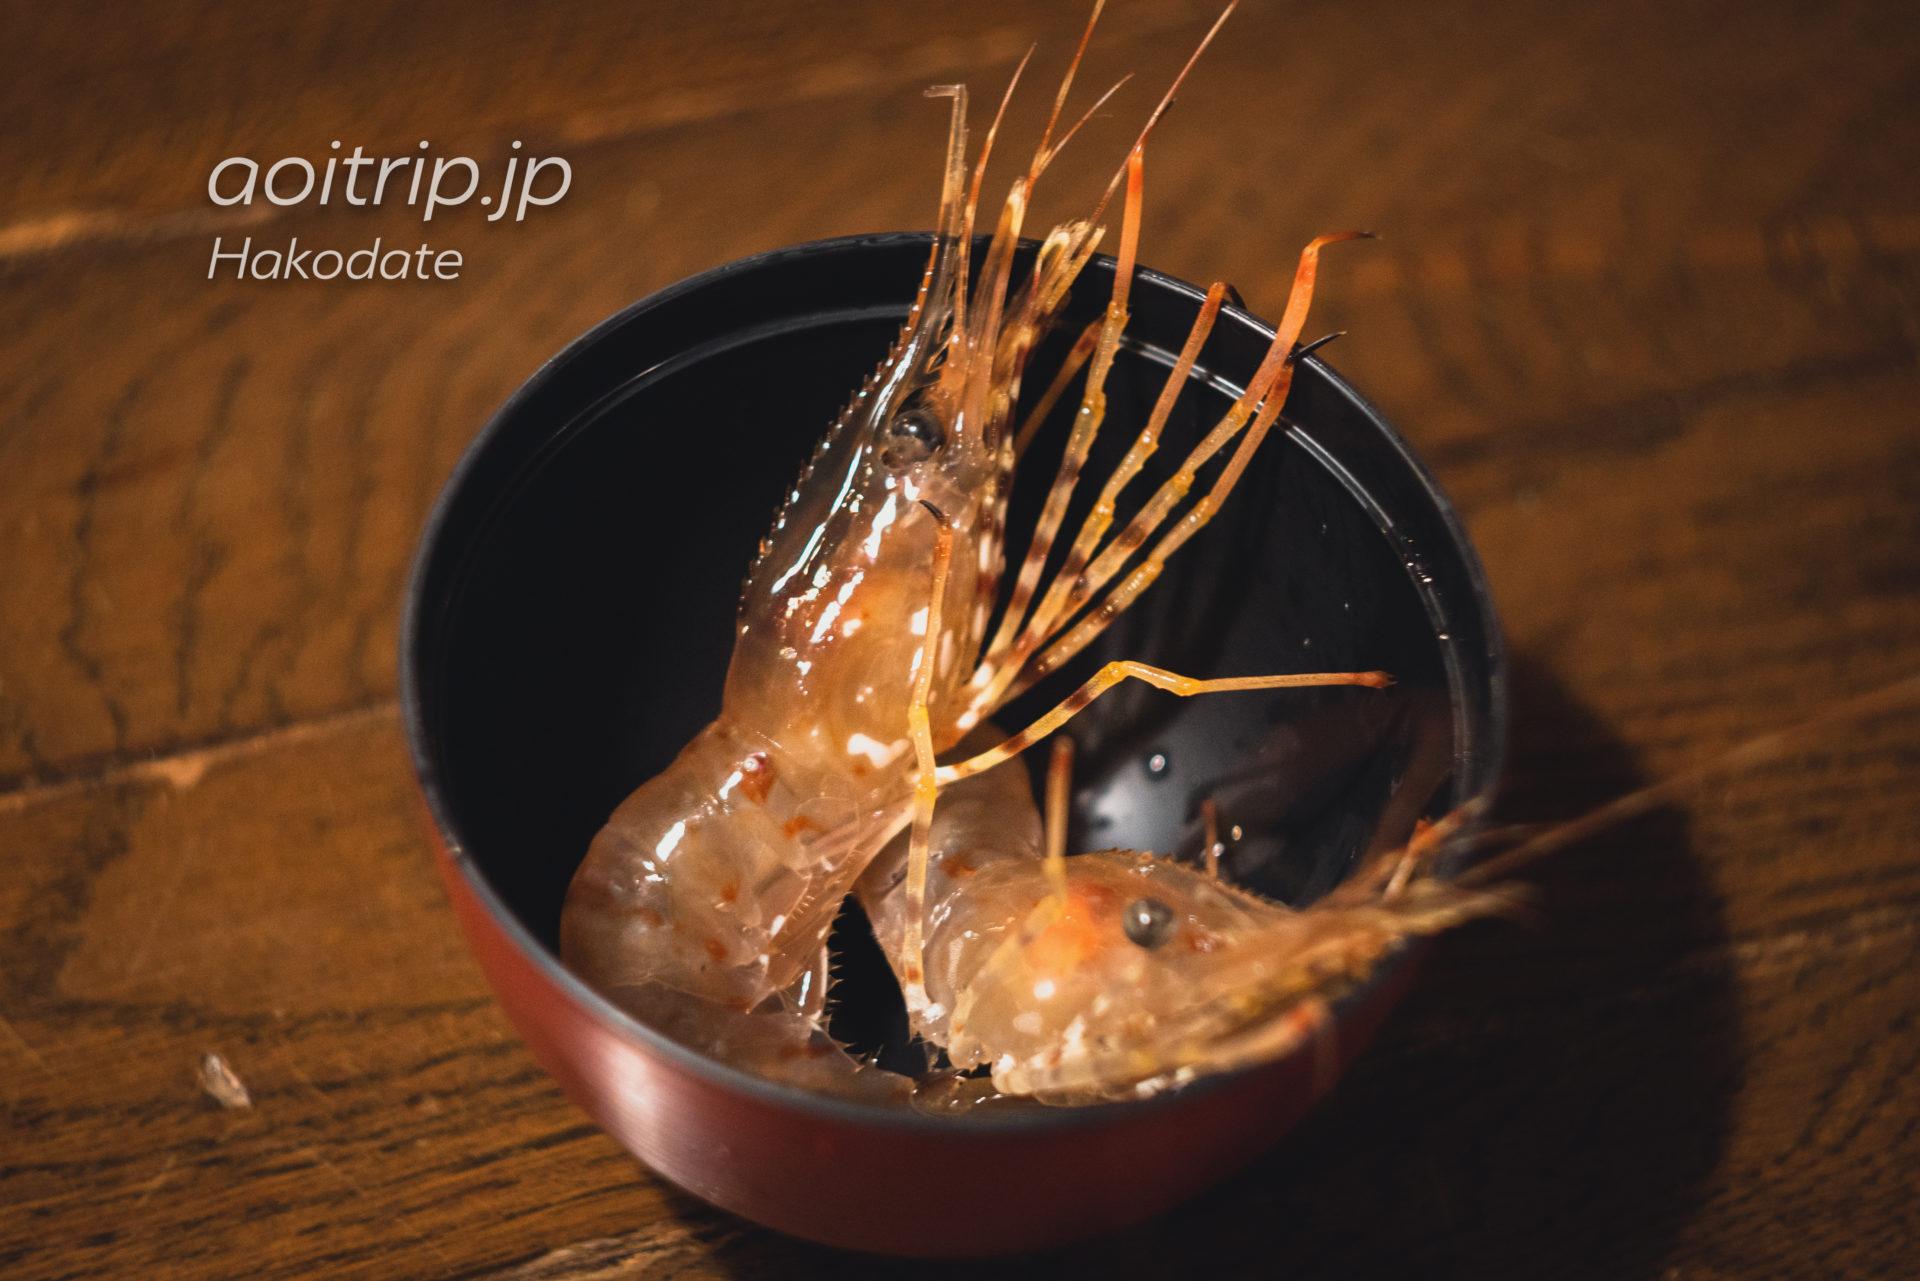 函館の海鮮料理屋さん 海光房 Kaikoubou 活エビ